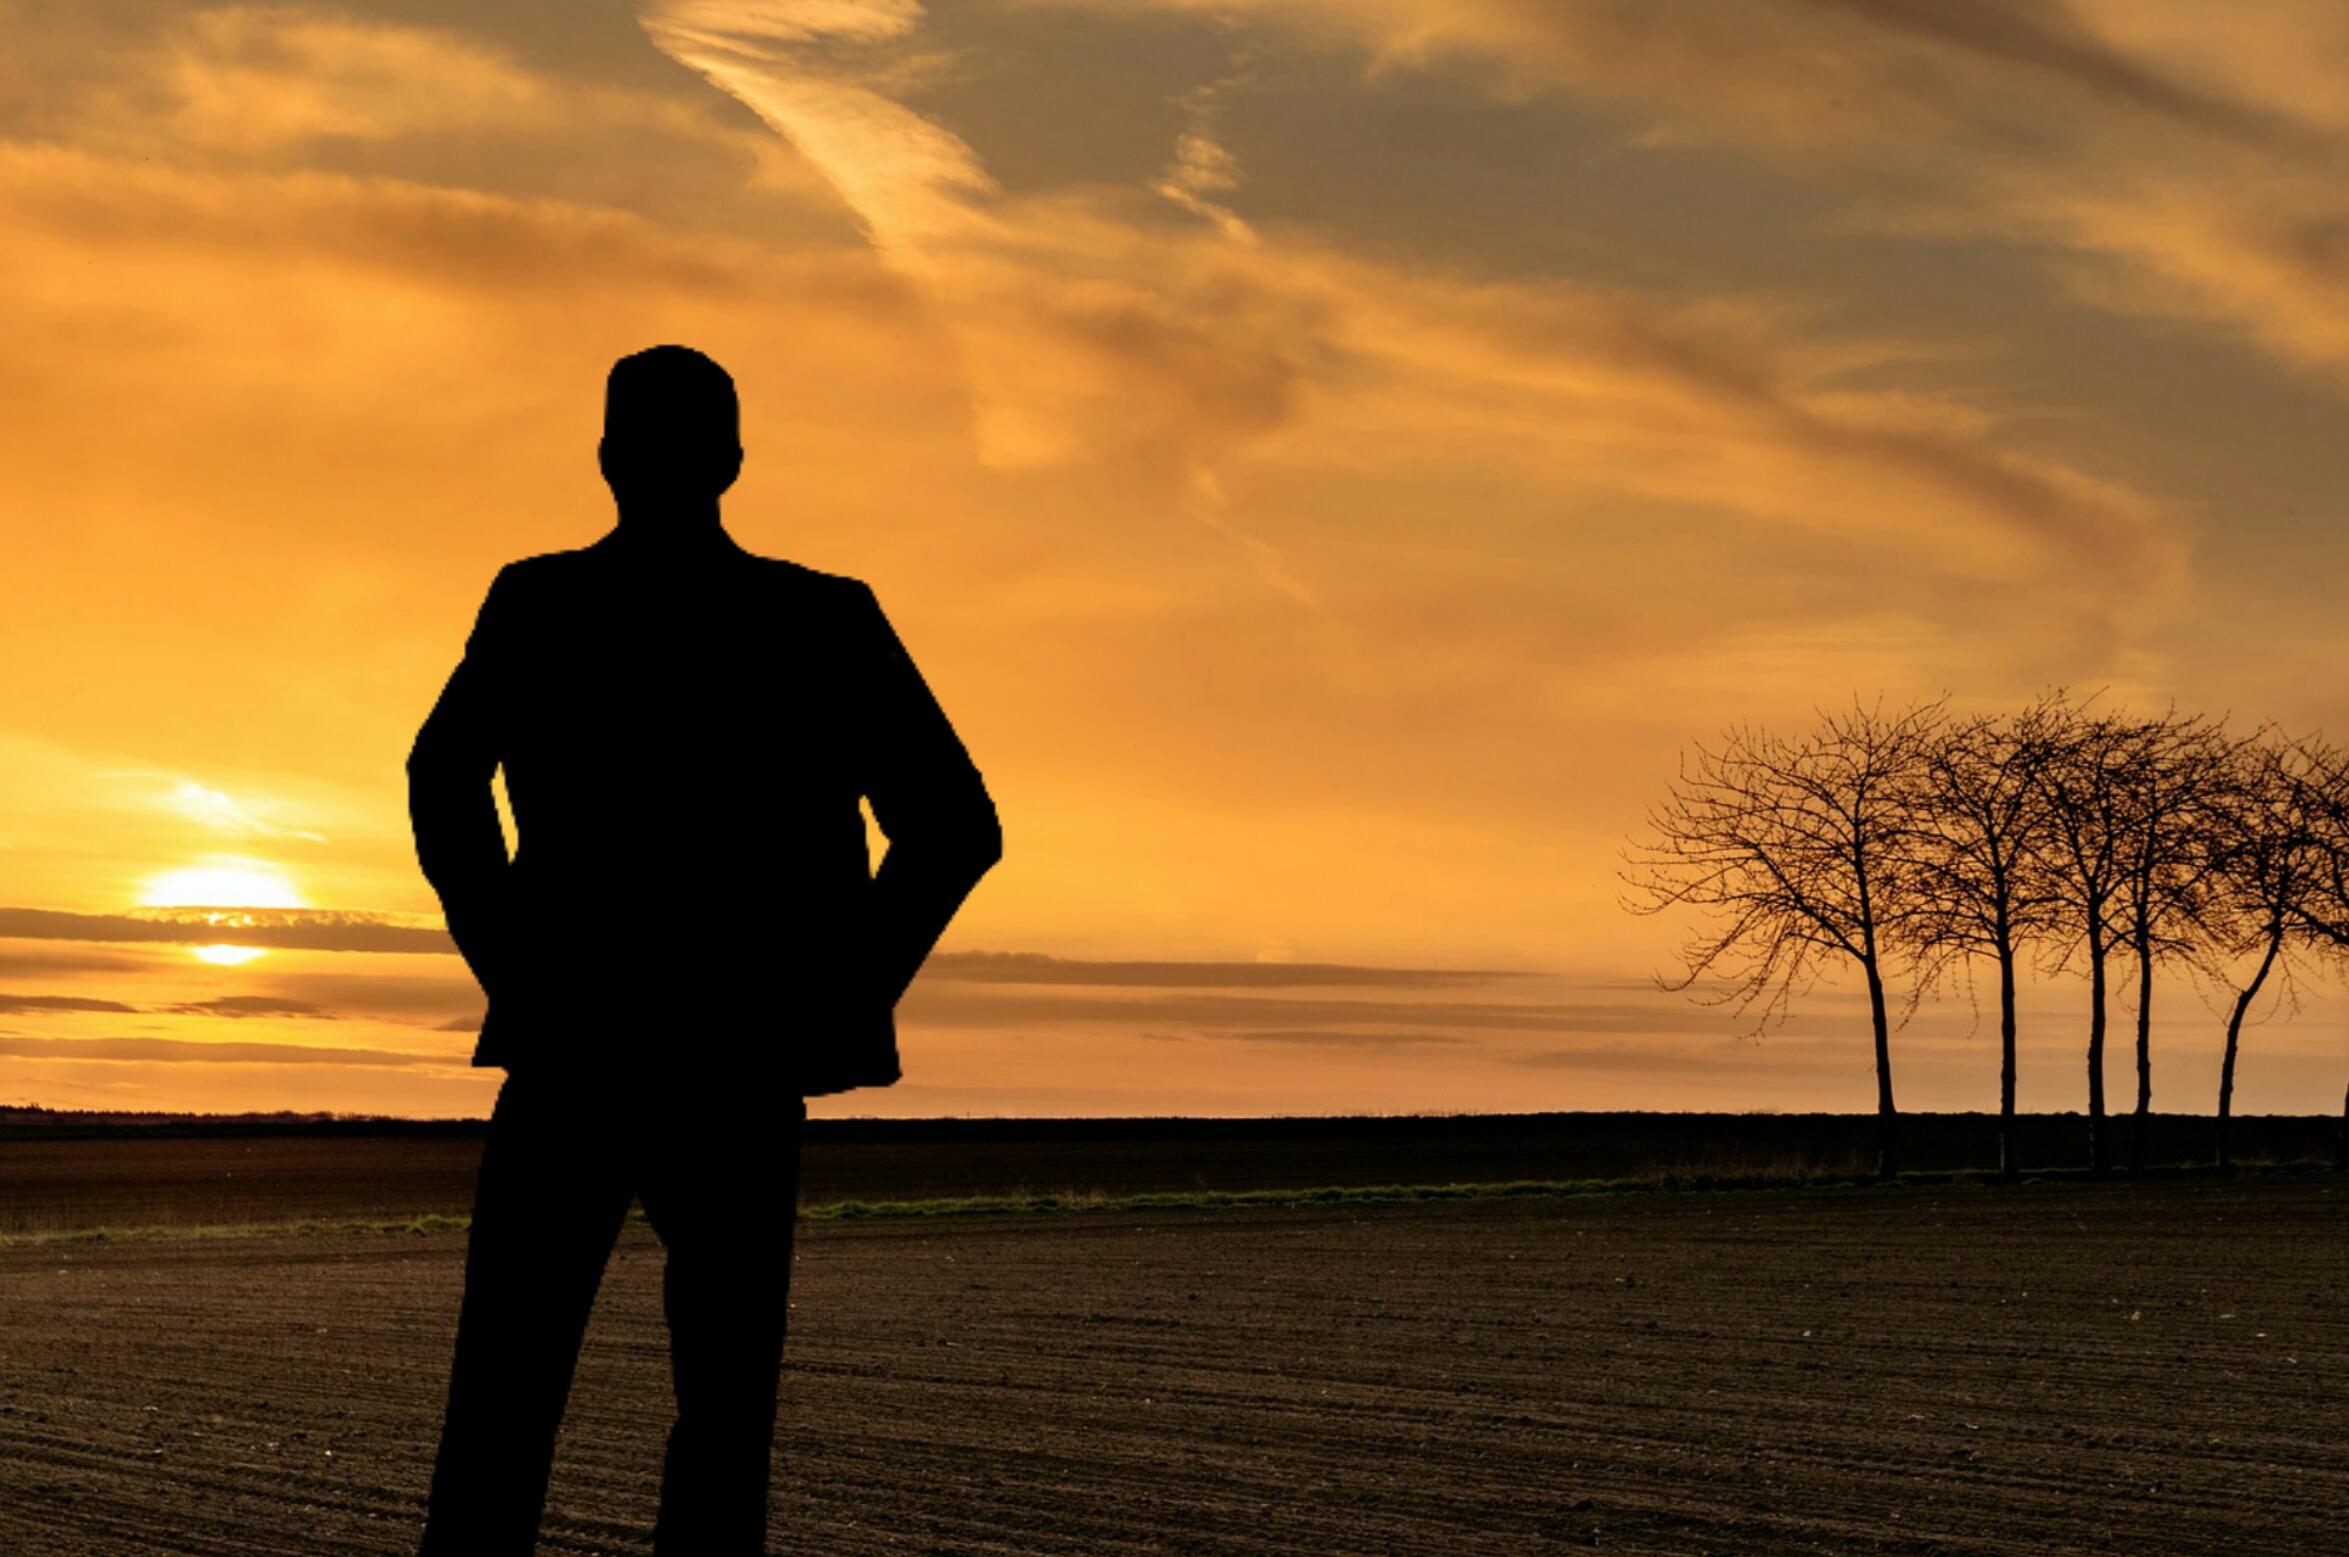 silhouette silhouette of man wearing hoodie looking down